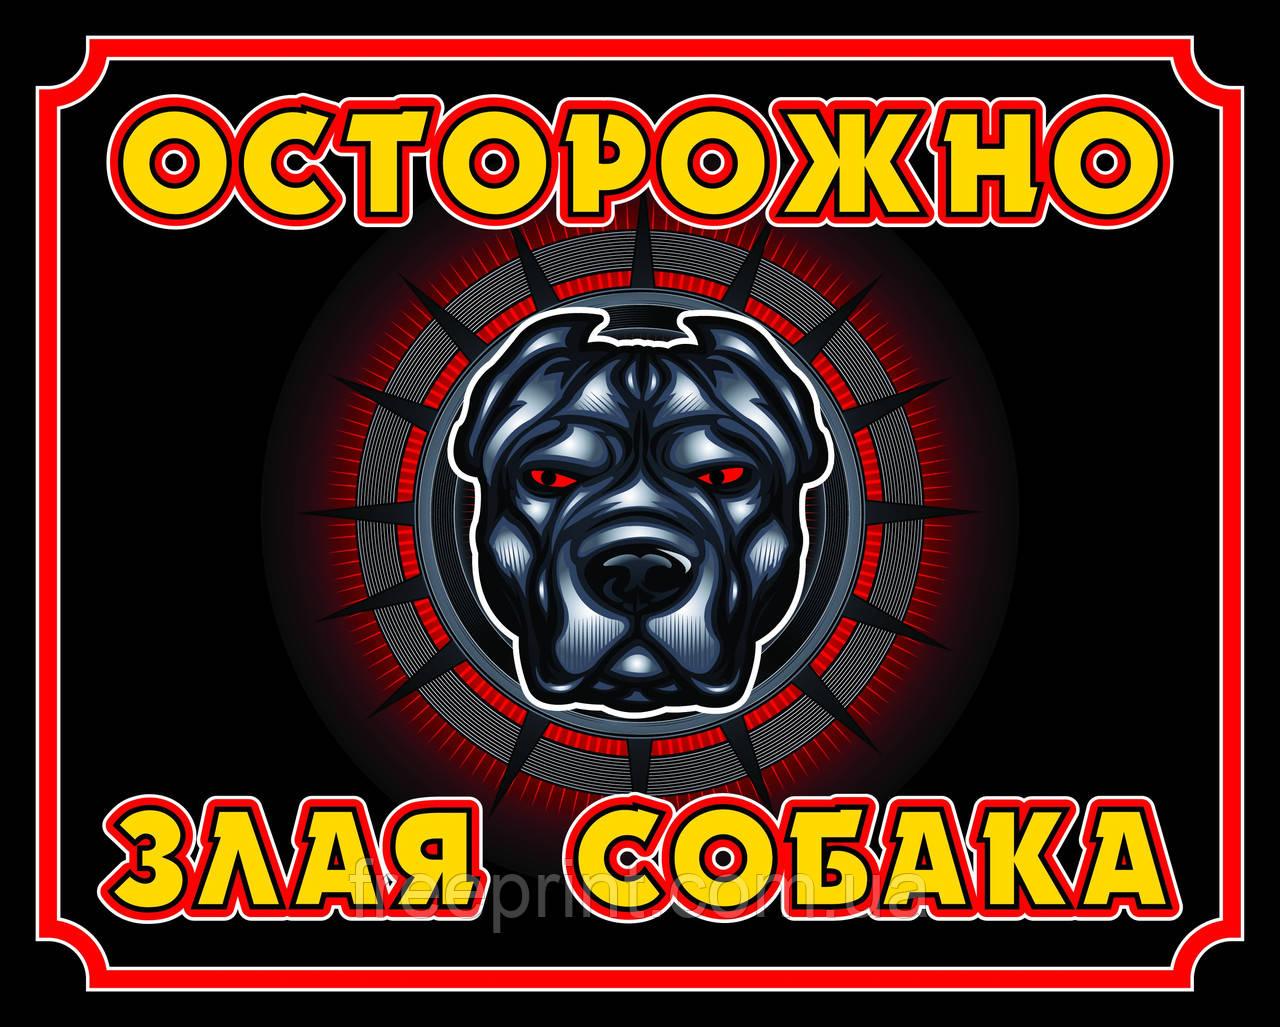 Табличка собака черная, осторожно собака